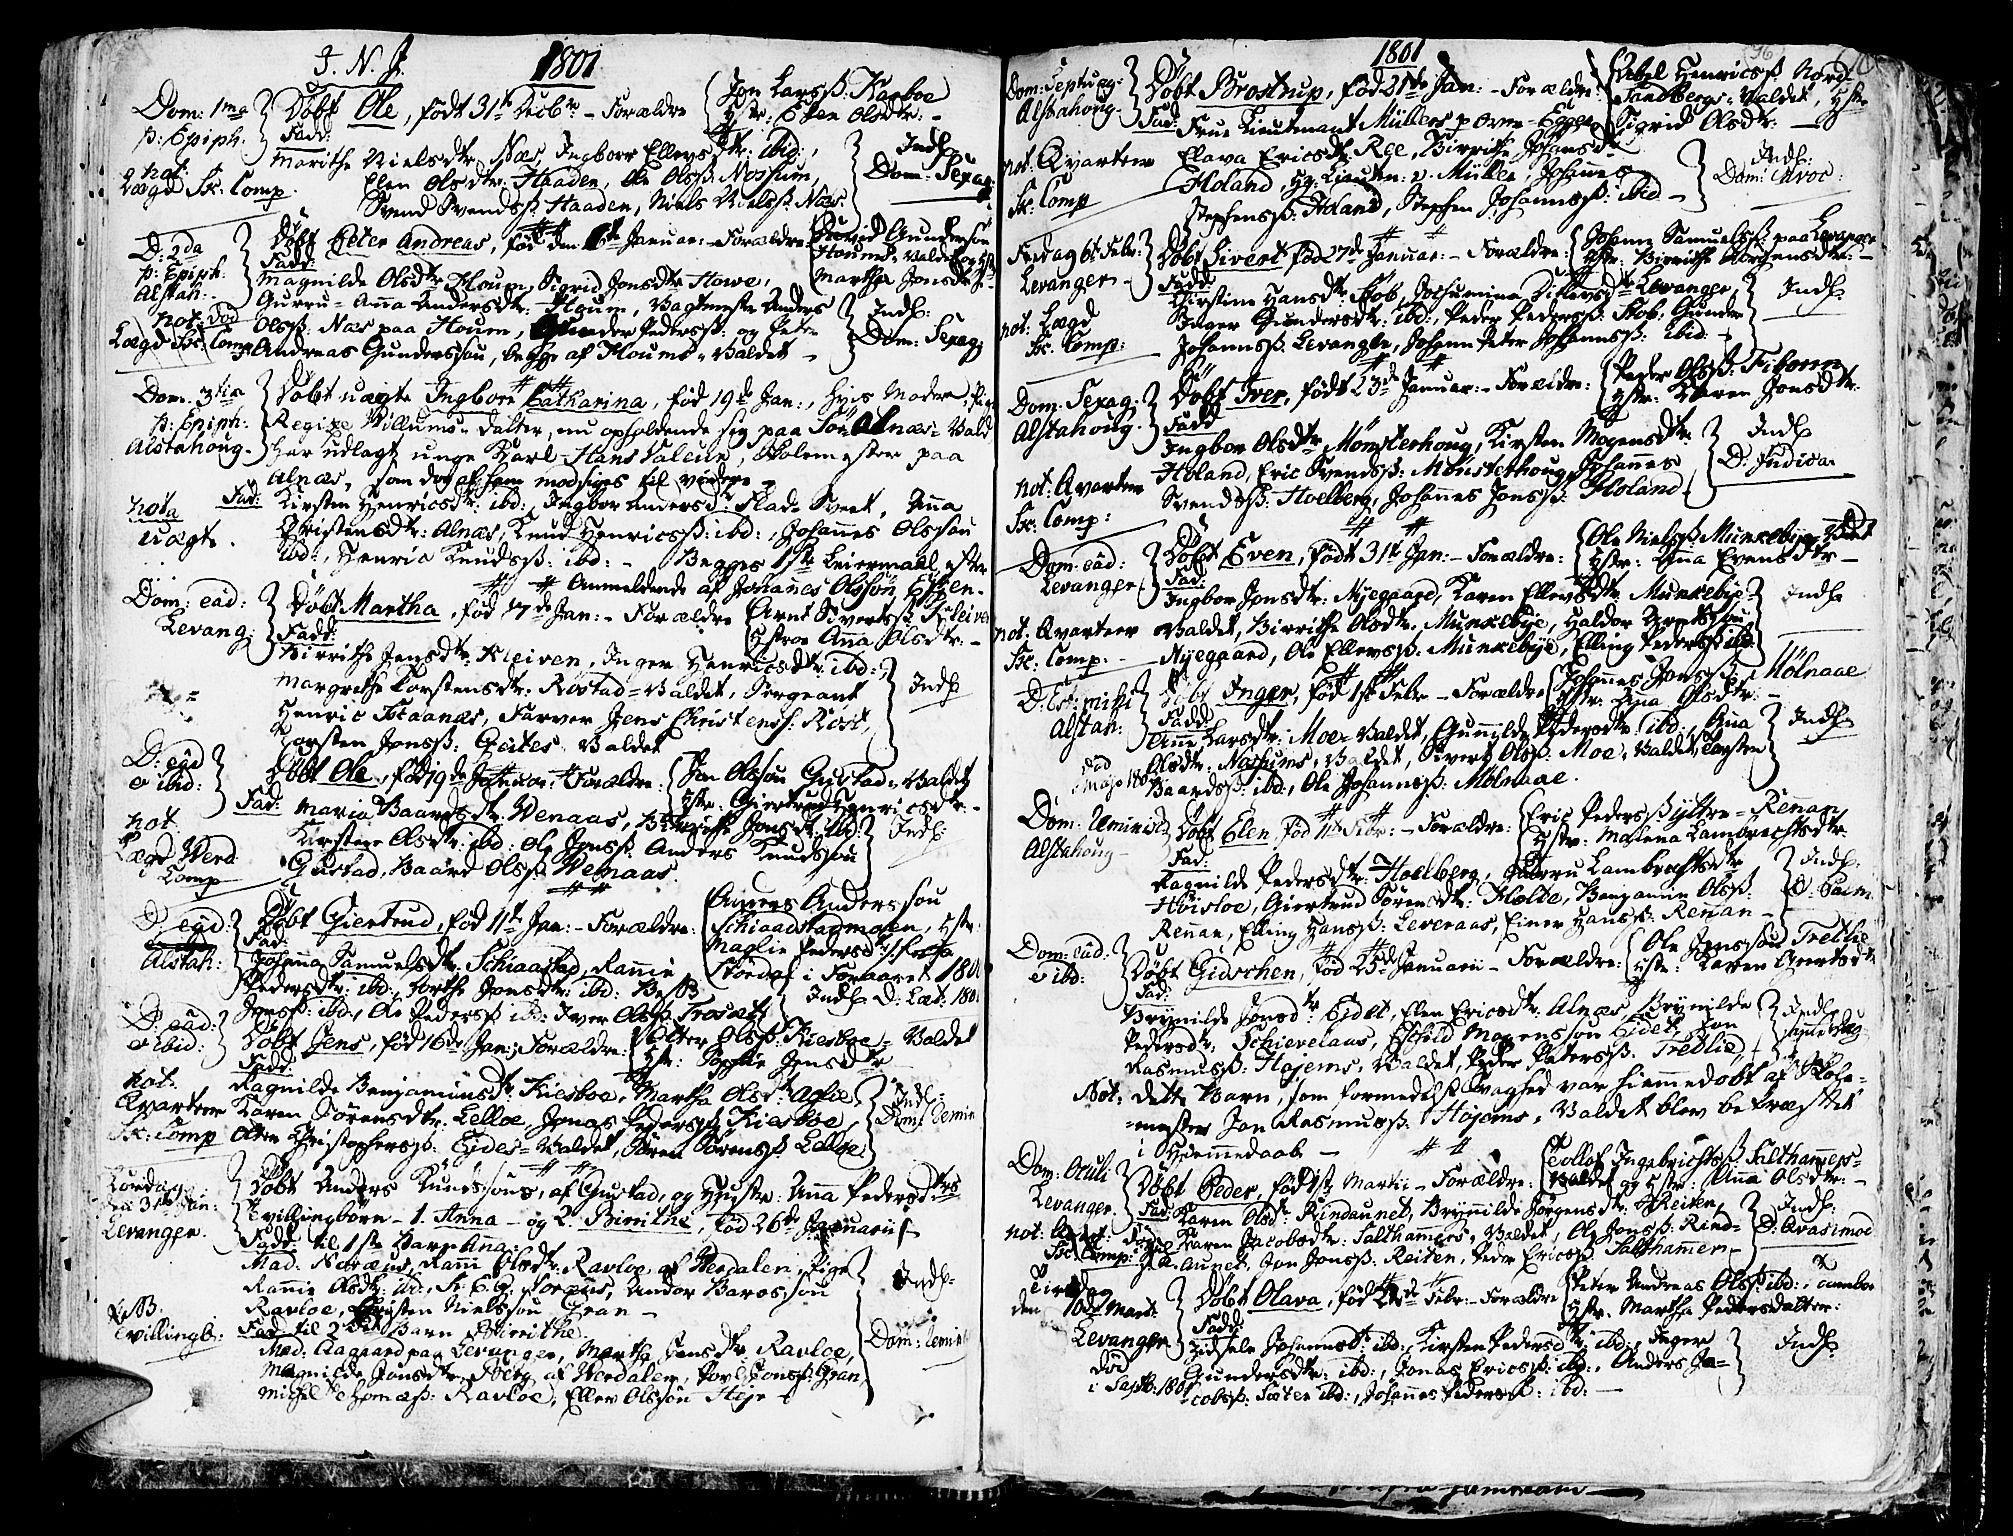 SAT, Ministerialprotokoller, klokkerbøker og fødselsregistre - Nord-Trøndelag, 717/L0142: Ministerialbok nr. 717A02 /1, 1783-1809, s. 96